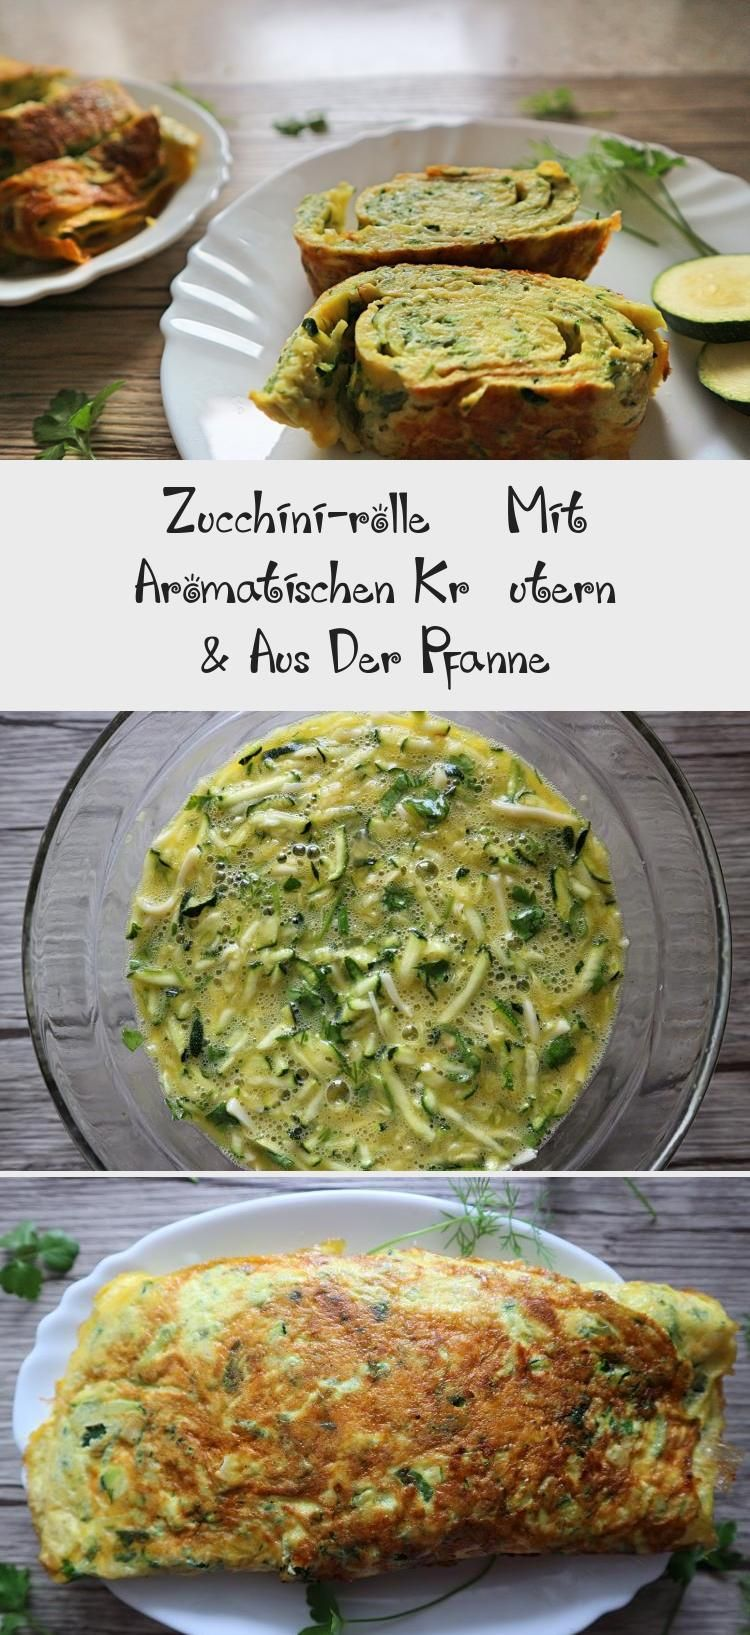 Zucchini-rolle – Mit Aromatischen Kräutern & Aus Der Pfanne